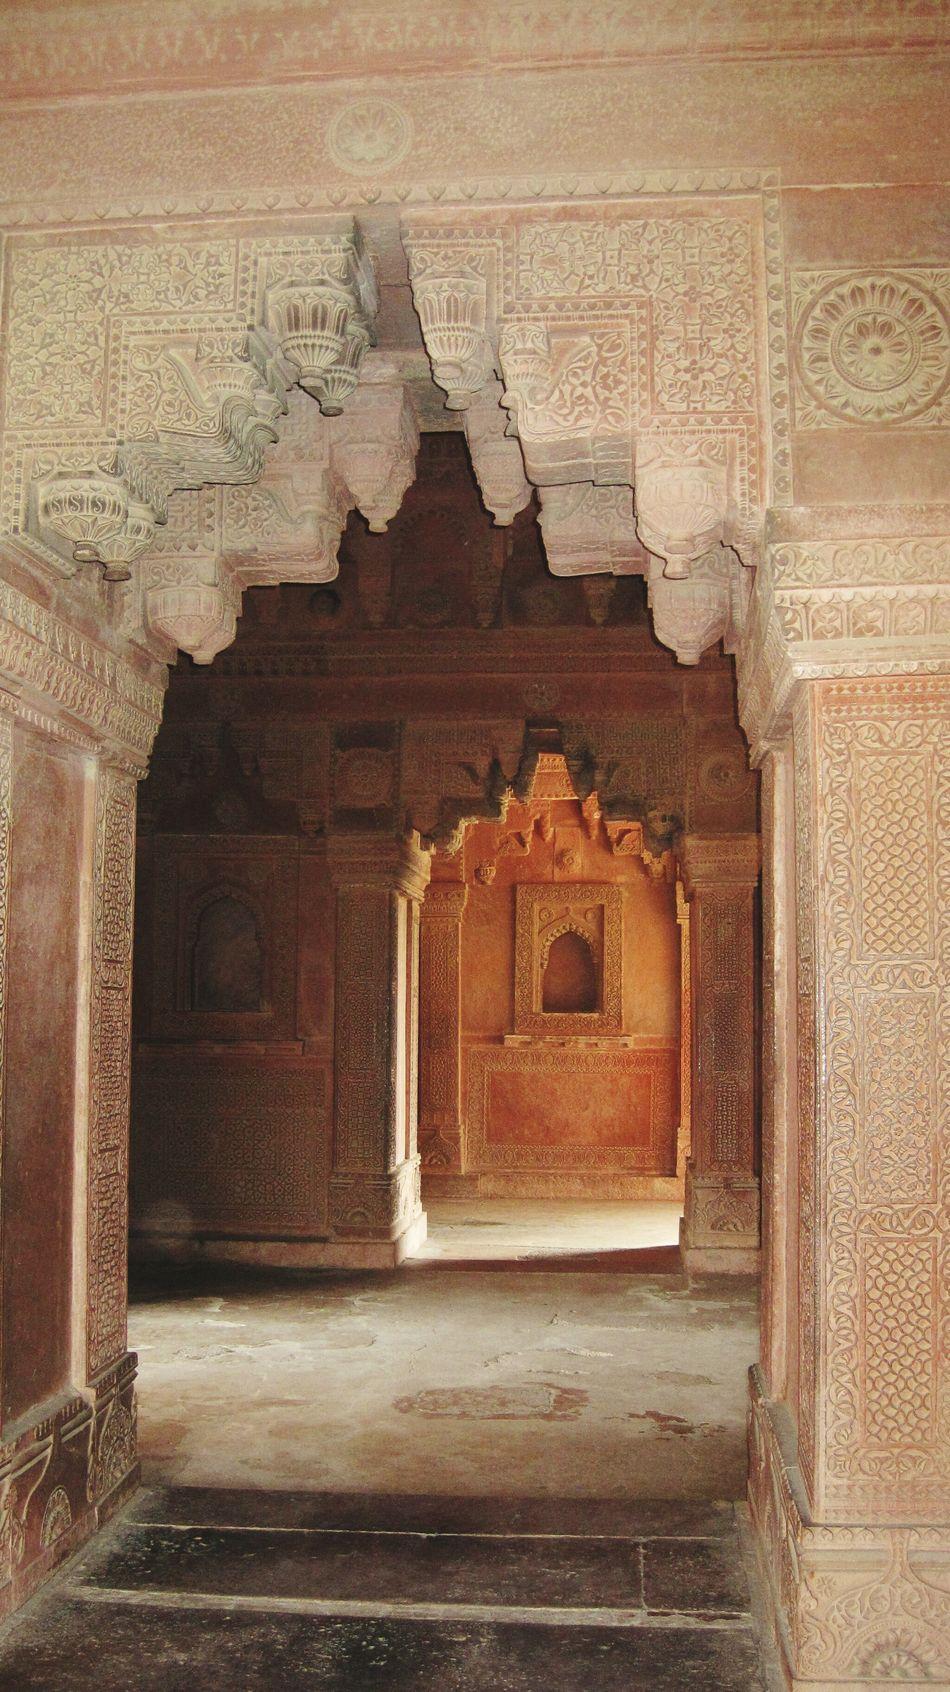 India Monument Sehenswürdigkeit Architecture Arco Bogen